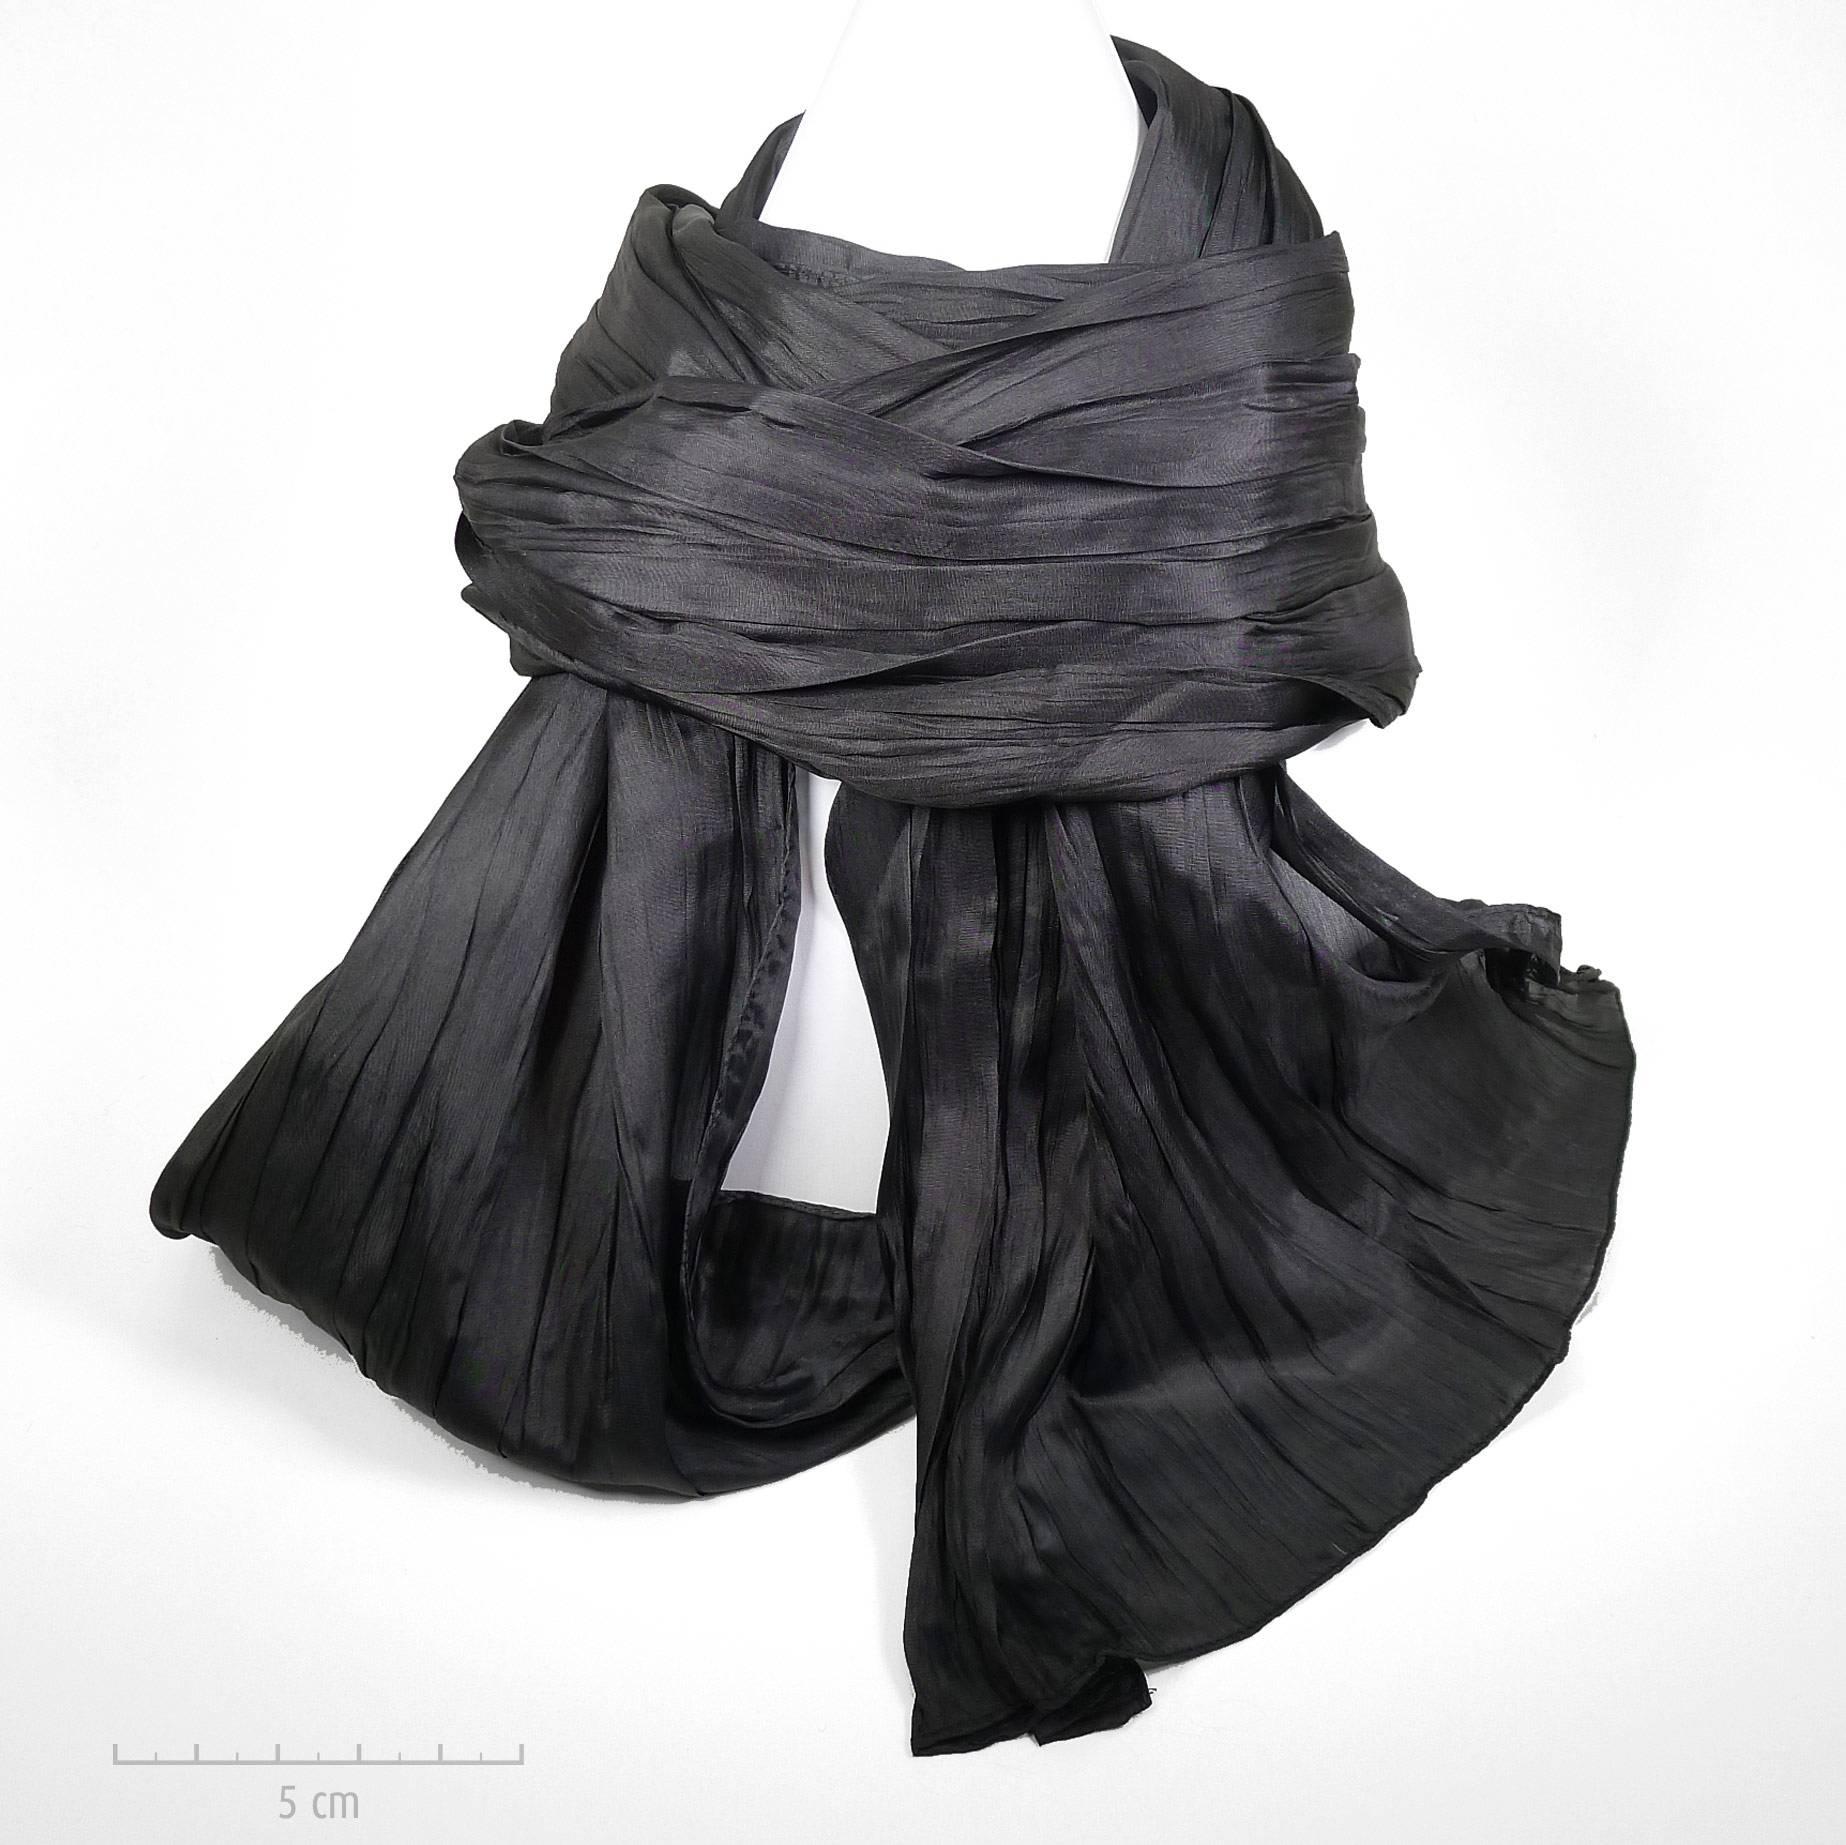 b70e32ae91de Long foulard à plis, style froissé Miyake et dégradé noir. Classique chic  intemporel,